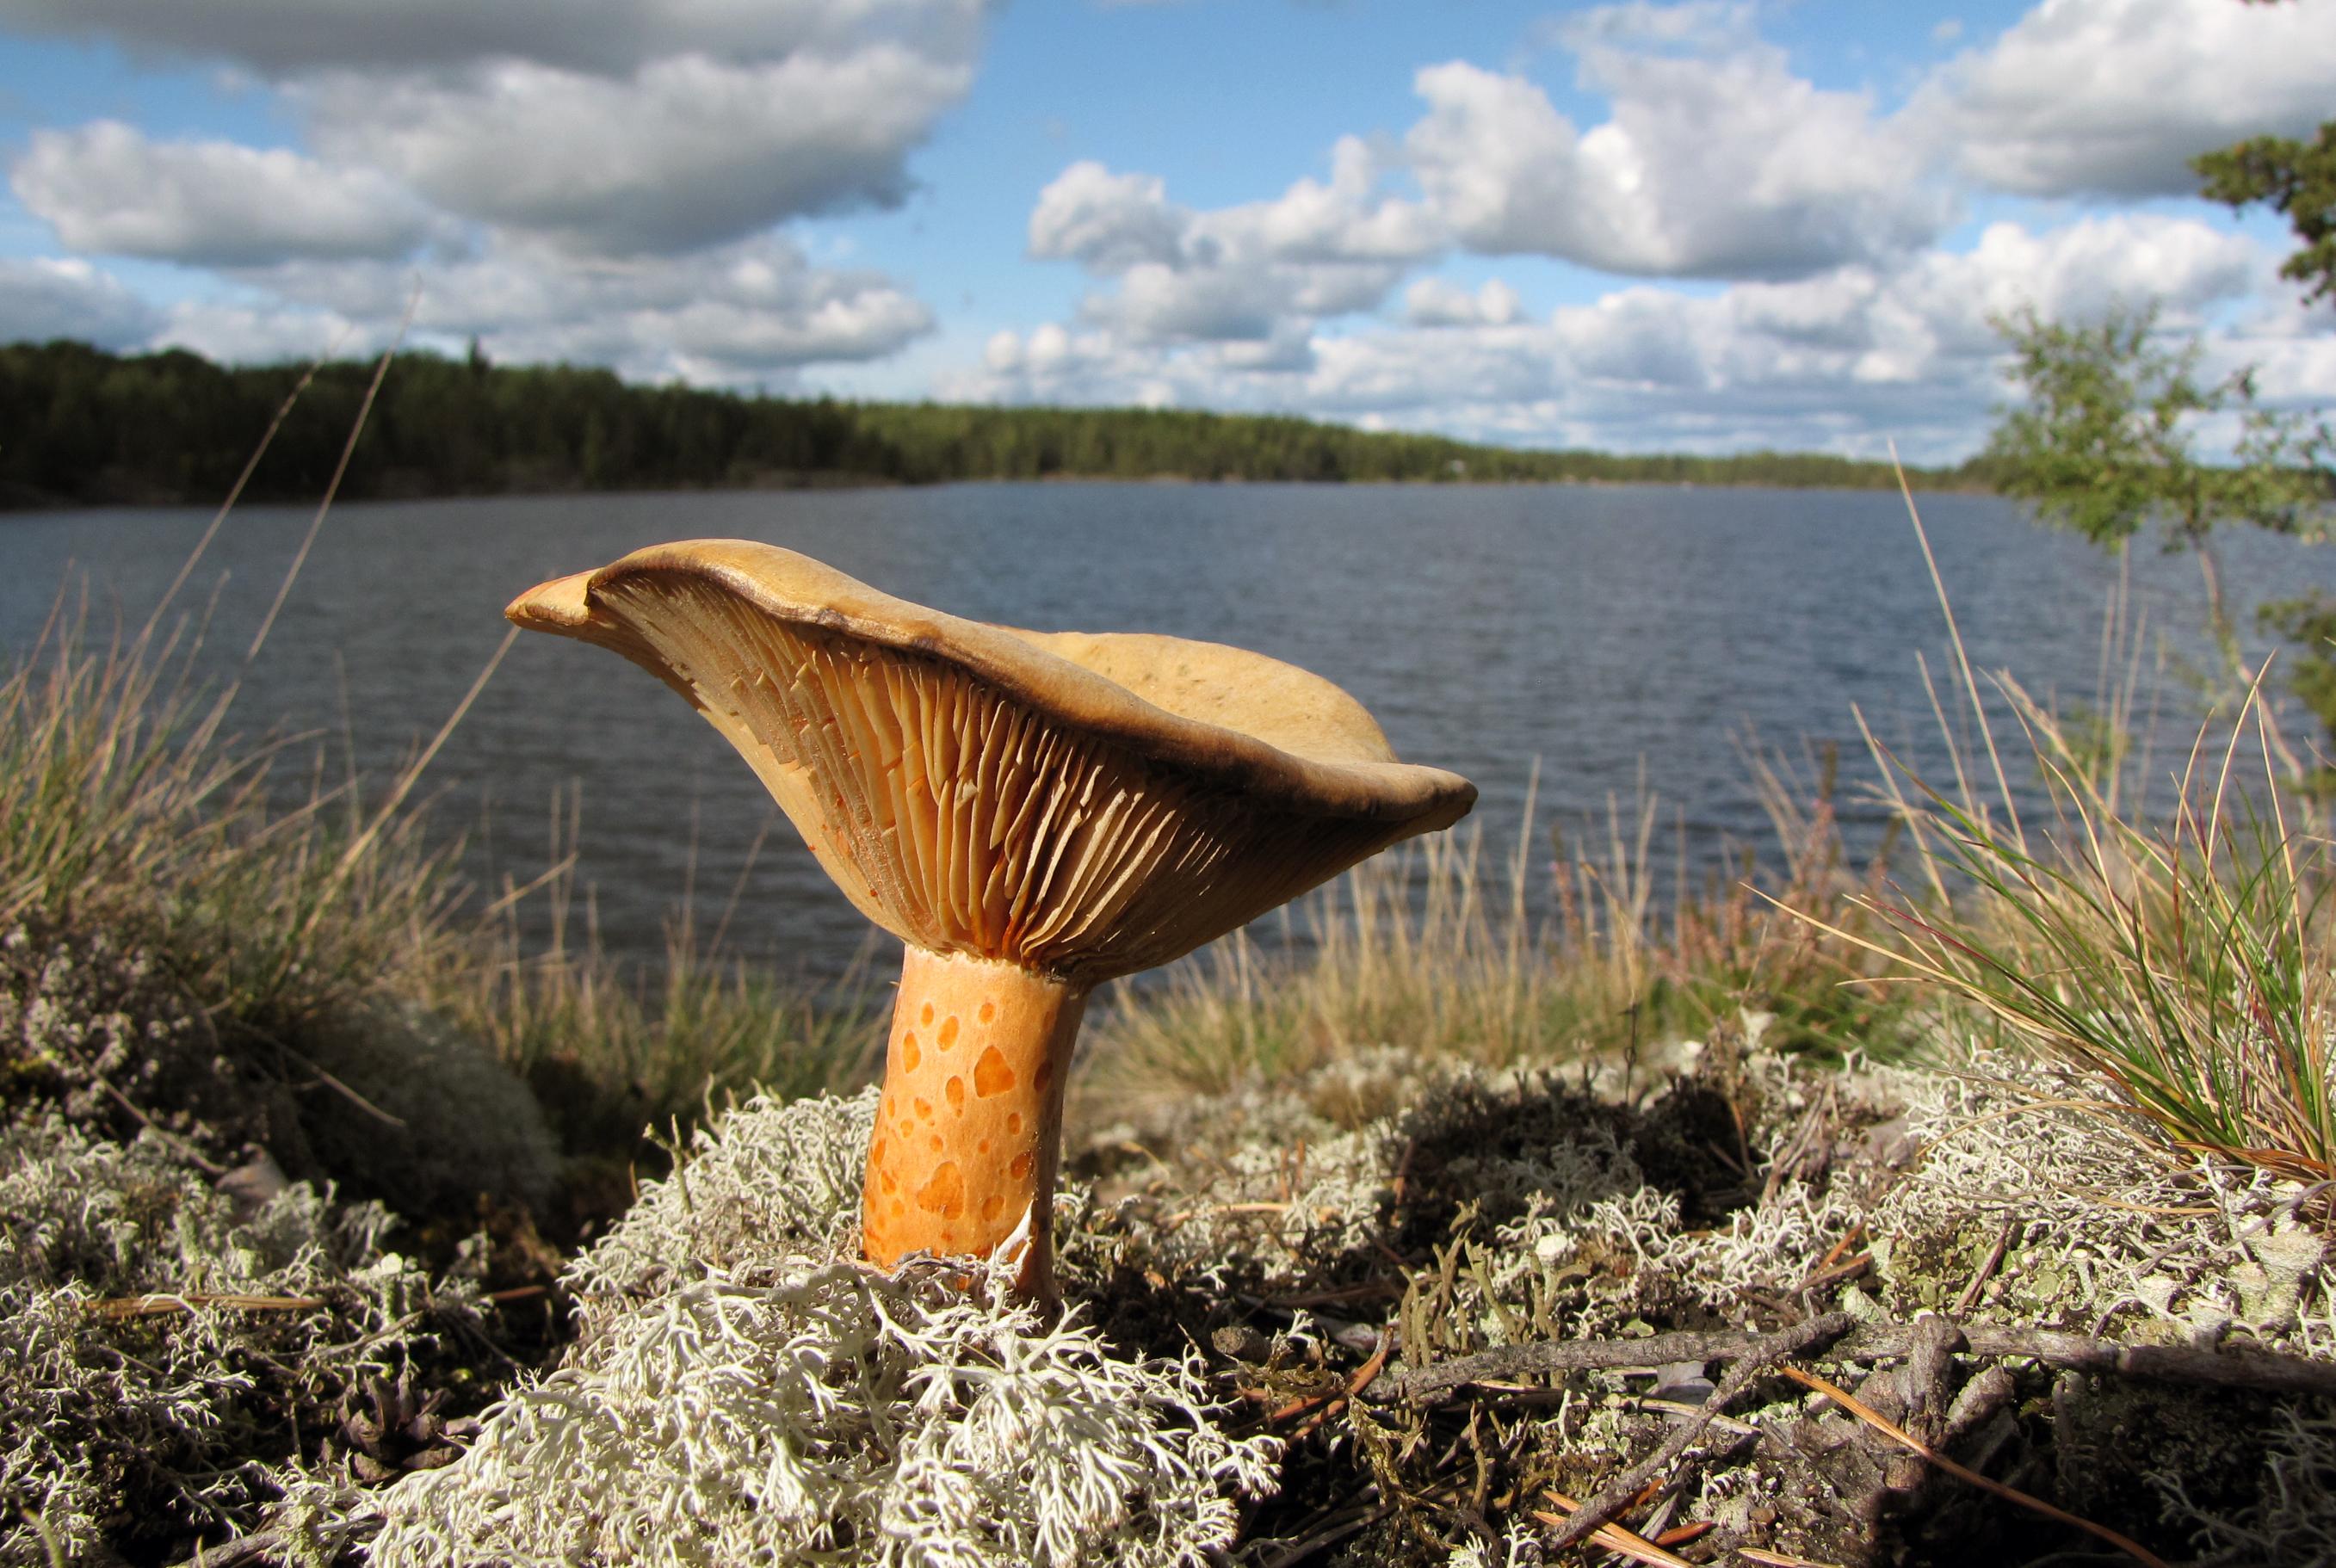 File:Lactarius-deliciosus-Finland.jpg - Wikimedia Commons